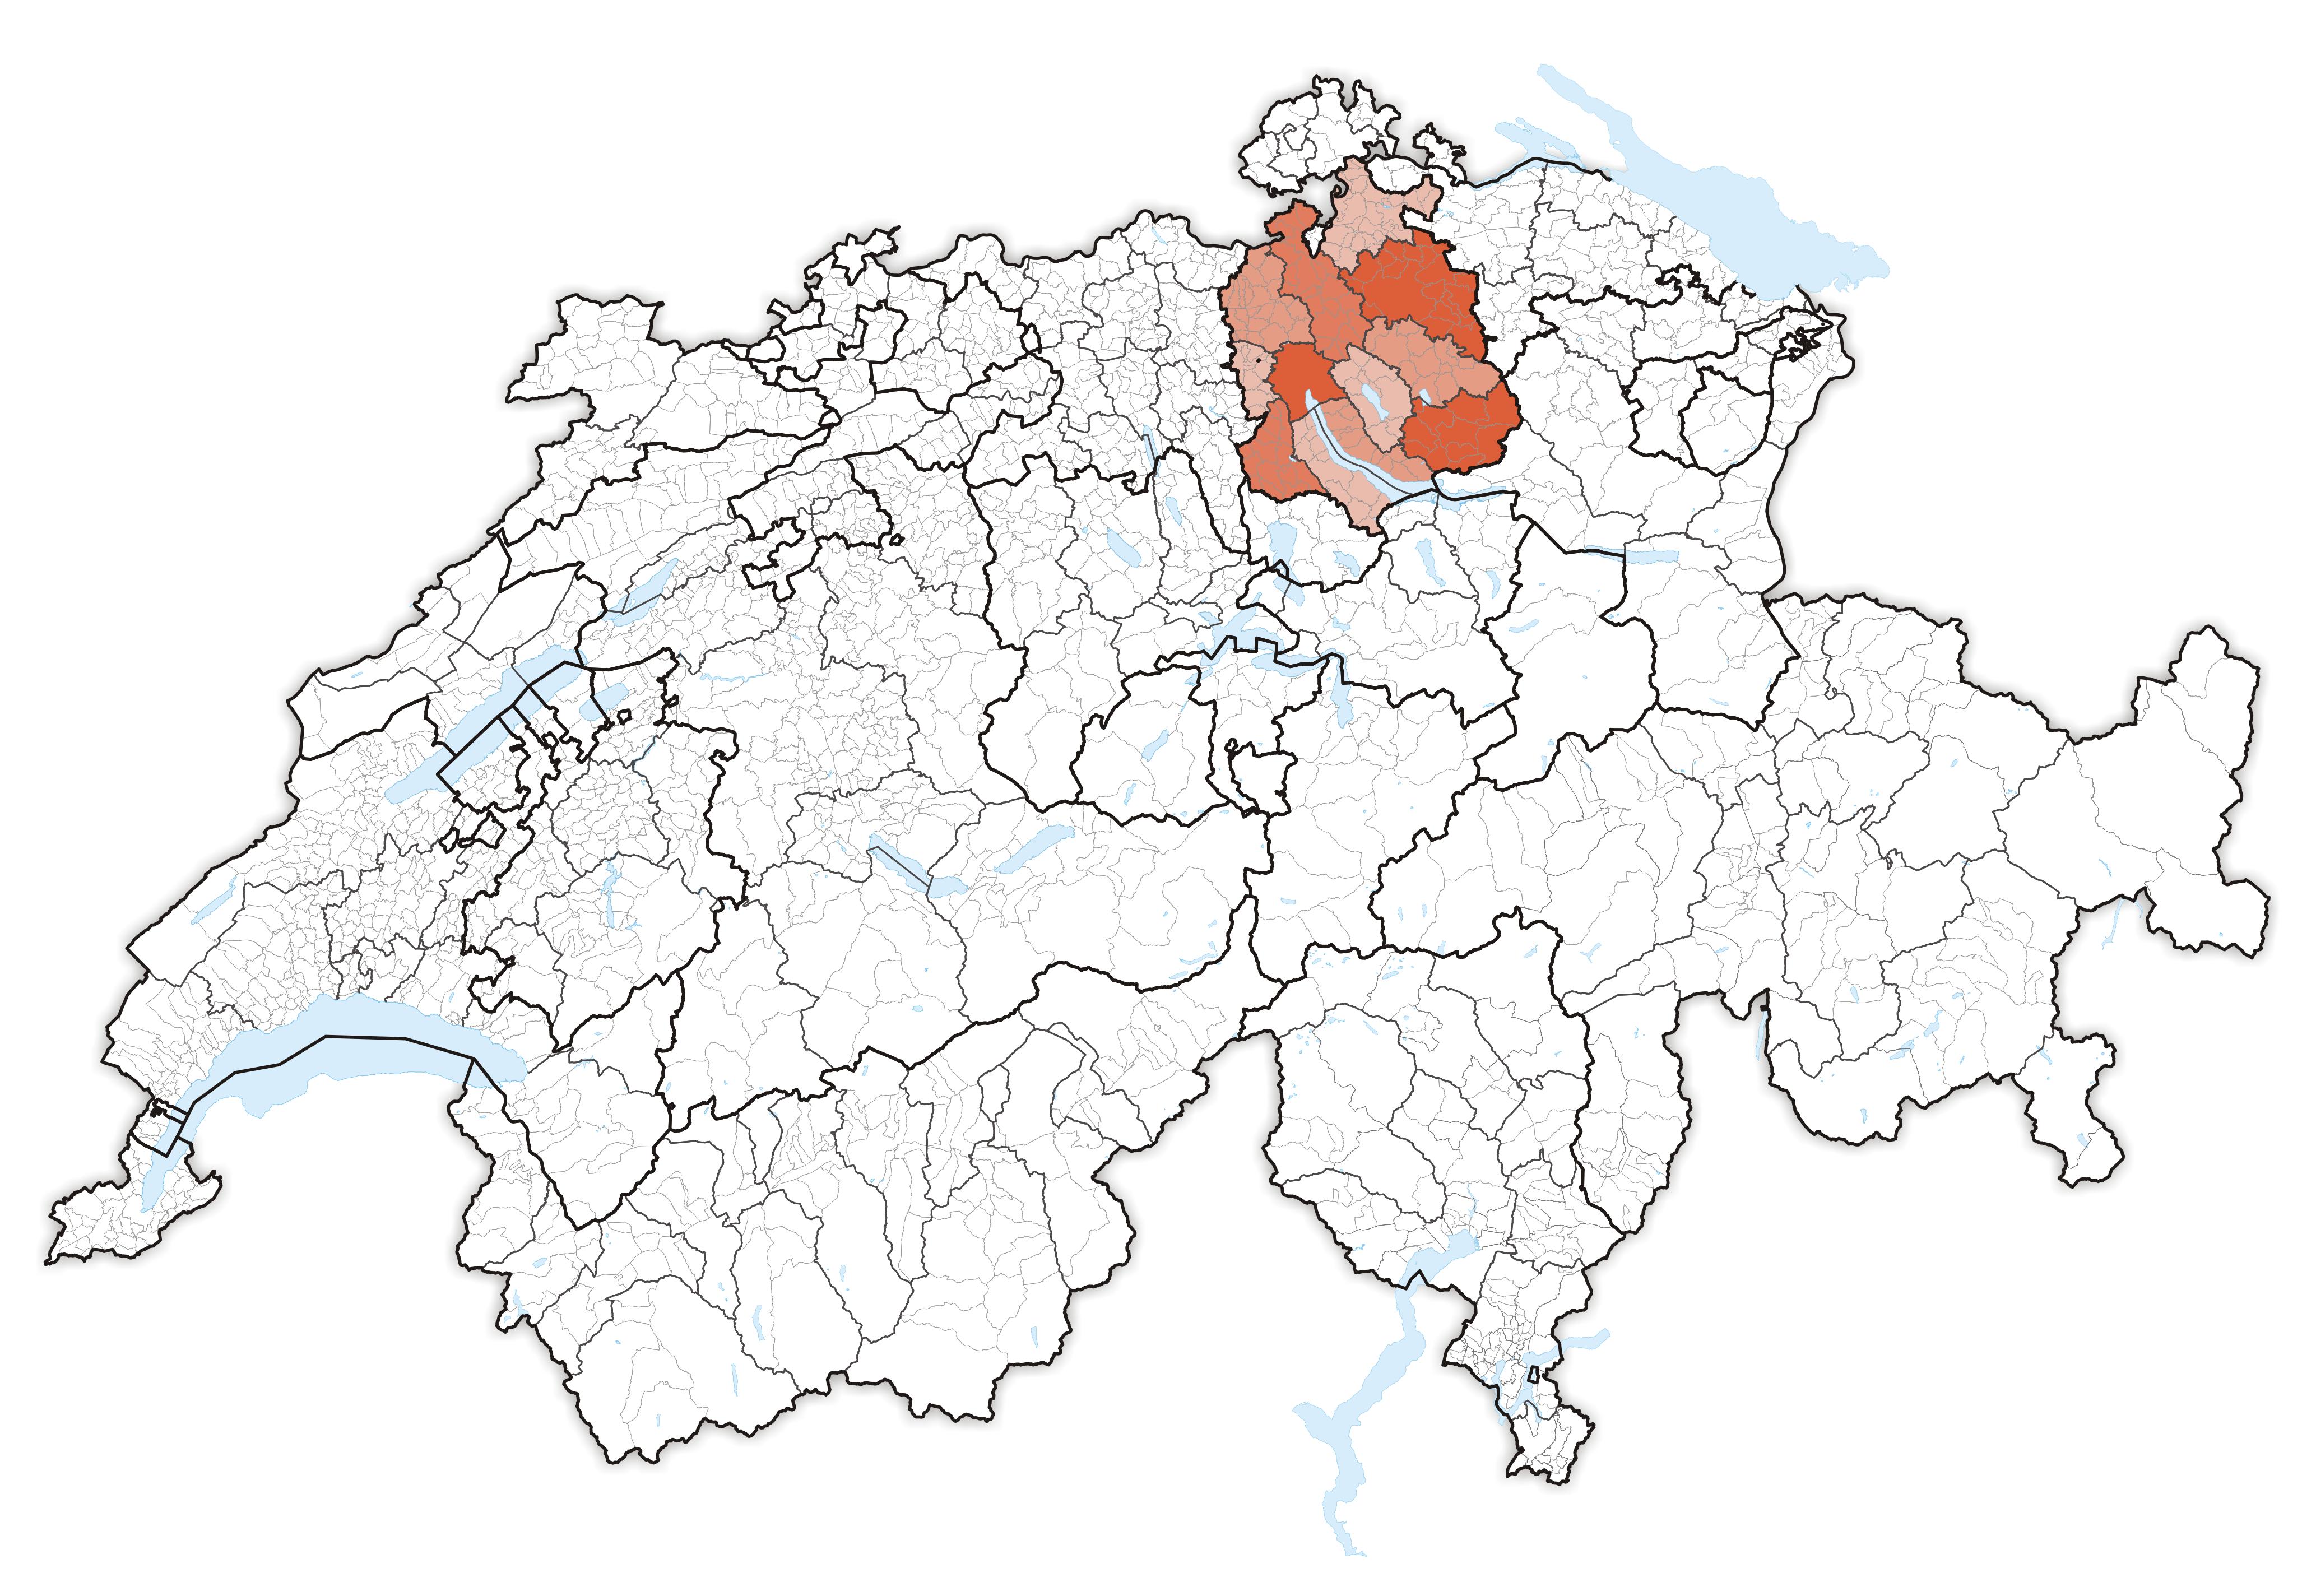 Zürich kanton